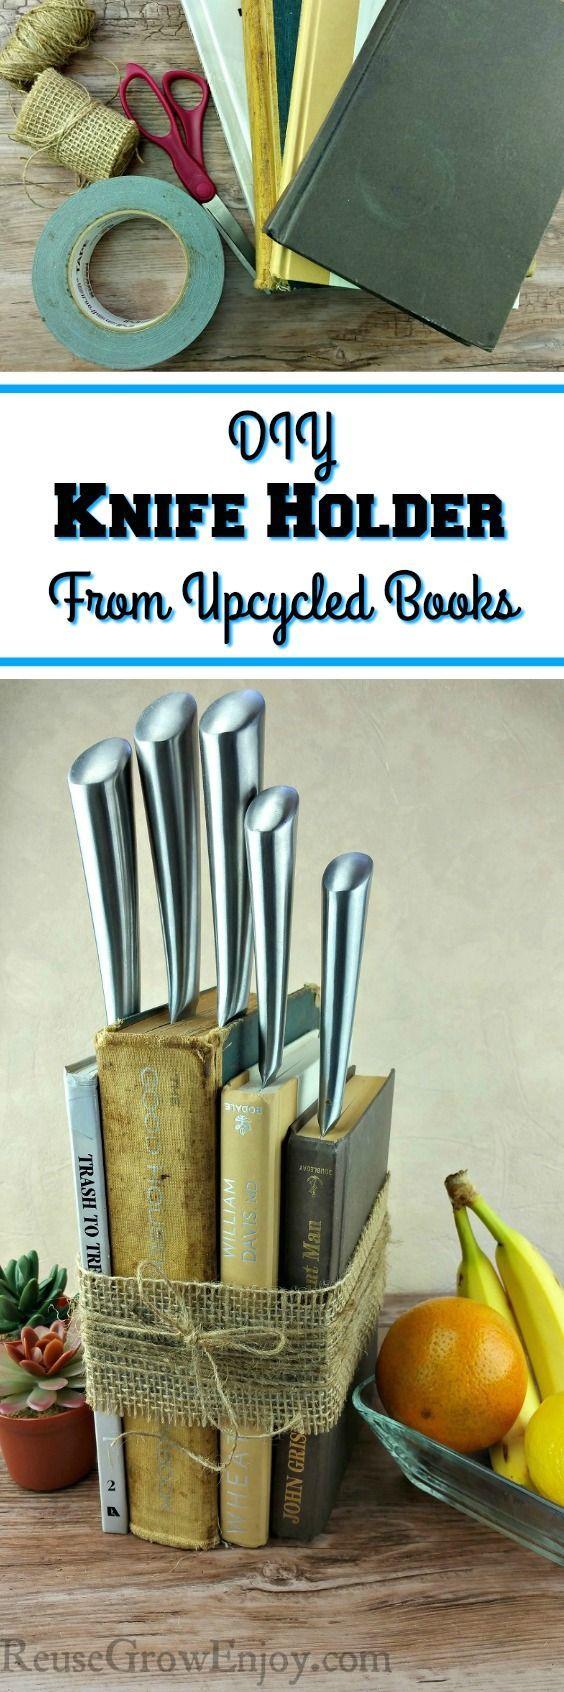 best 25 knife holder ideas on pinterest magnetic knife holder diy knife holder made from upcycled books